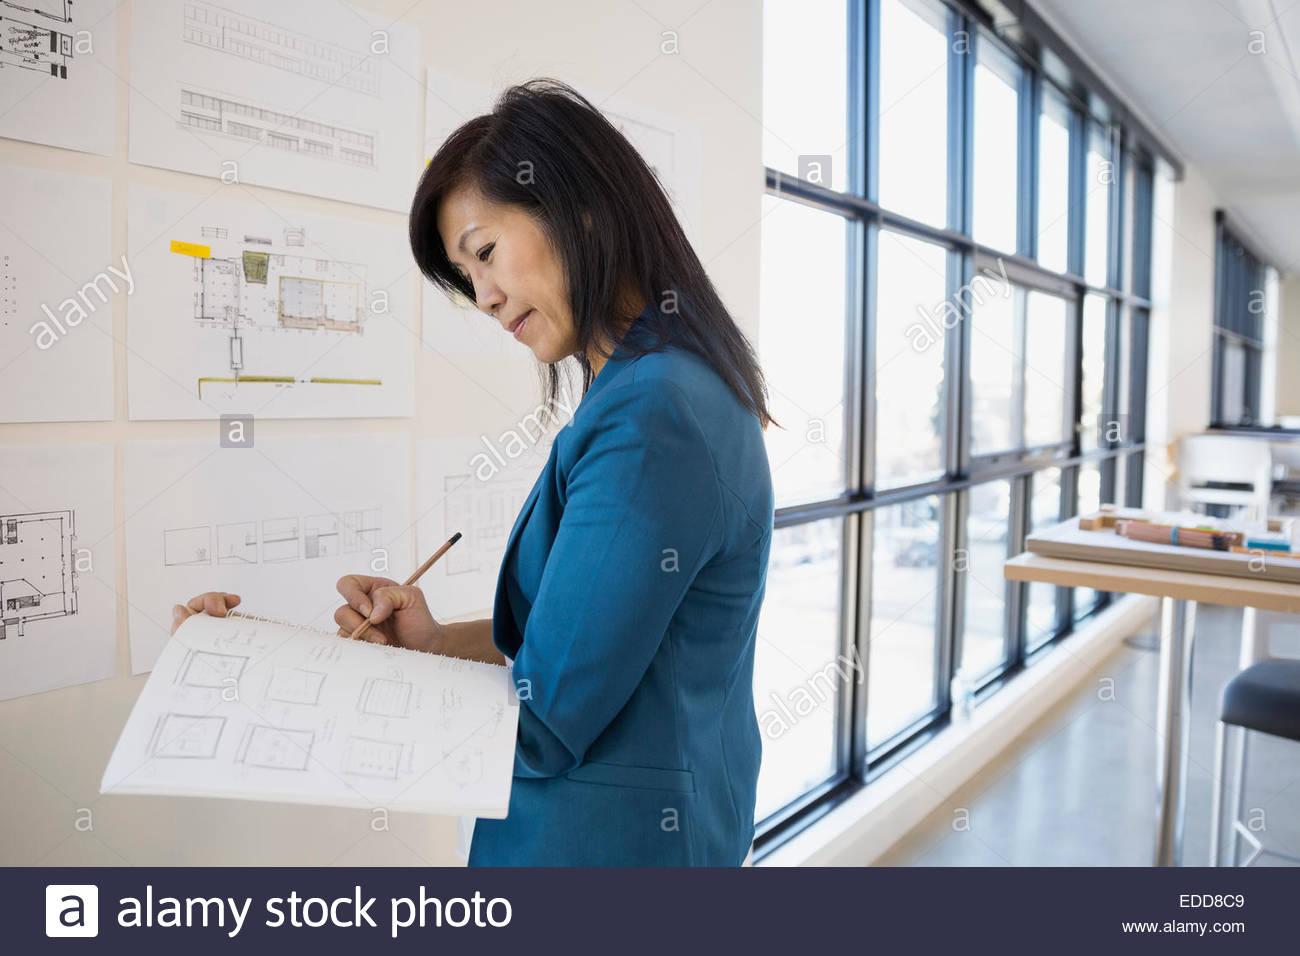 Architetto redazione piani a parete Immagini Stock